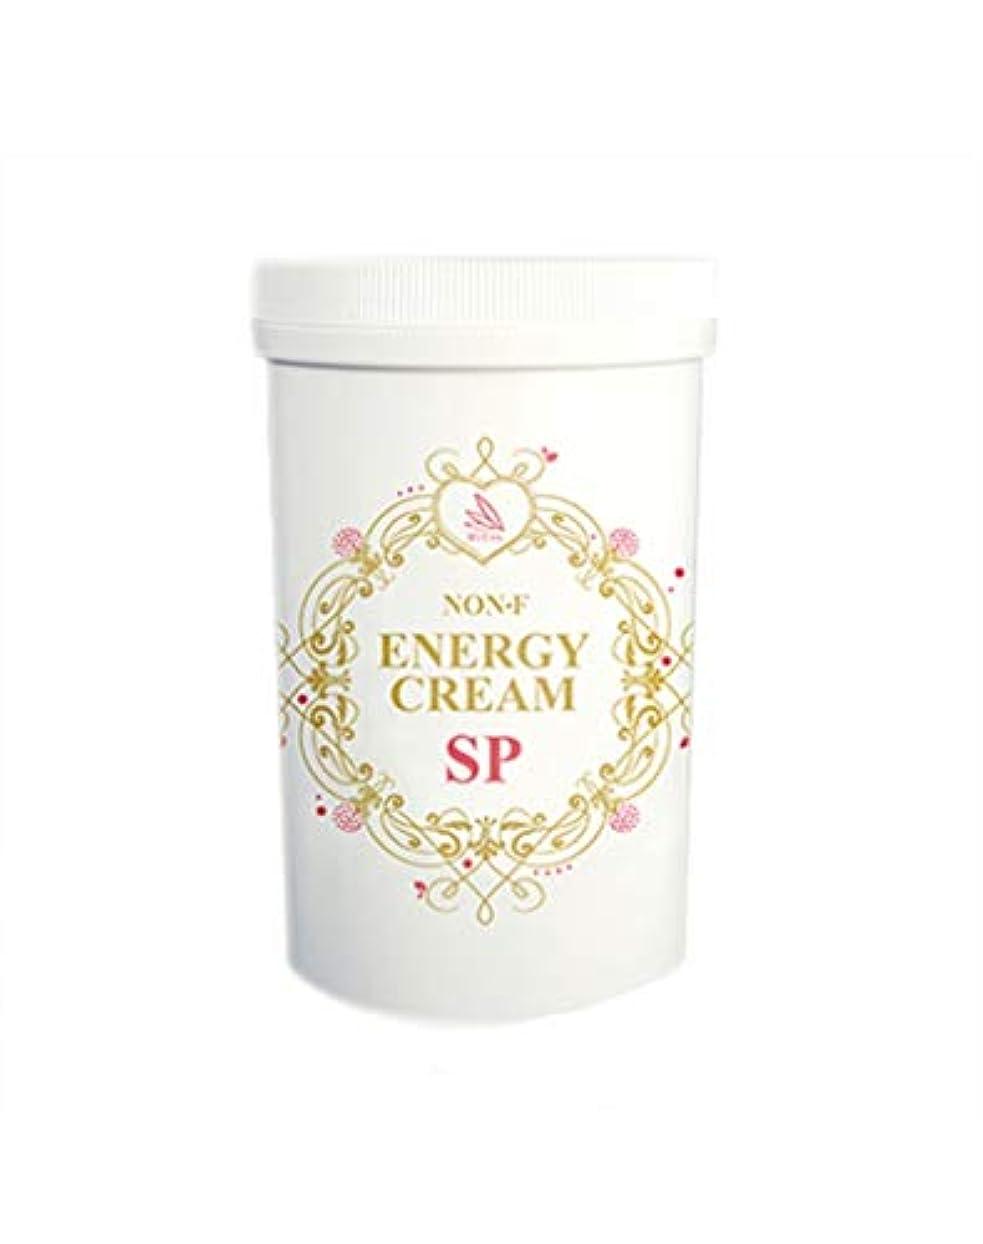 息苦しい薄める豊かにするノンFエナジークリーム SP 650g マッサージクリーム